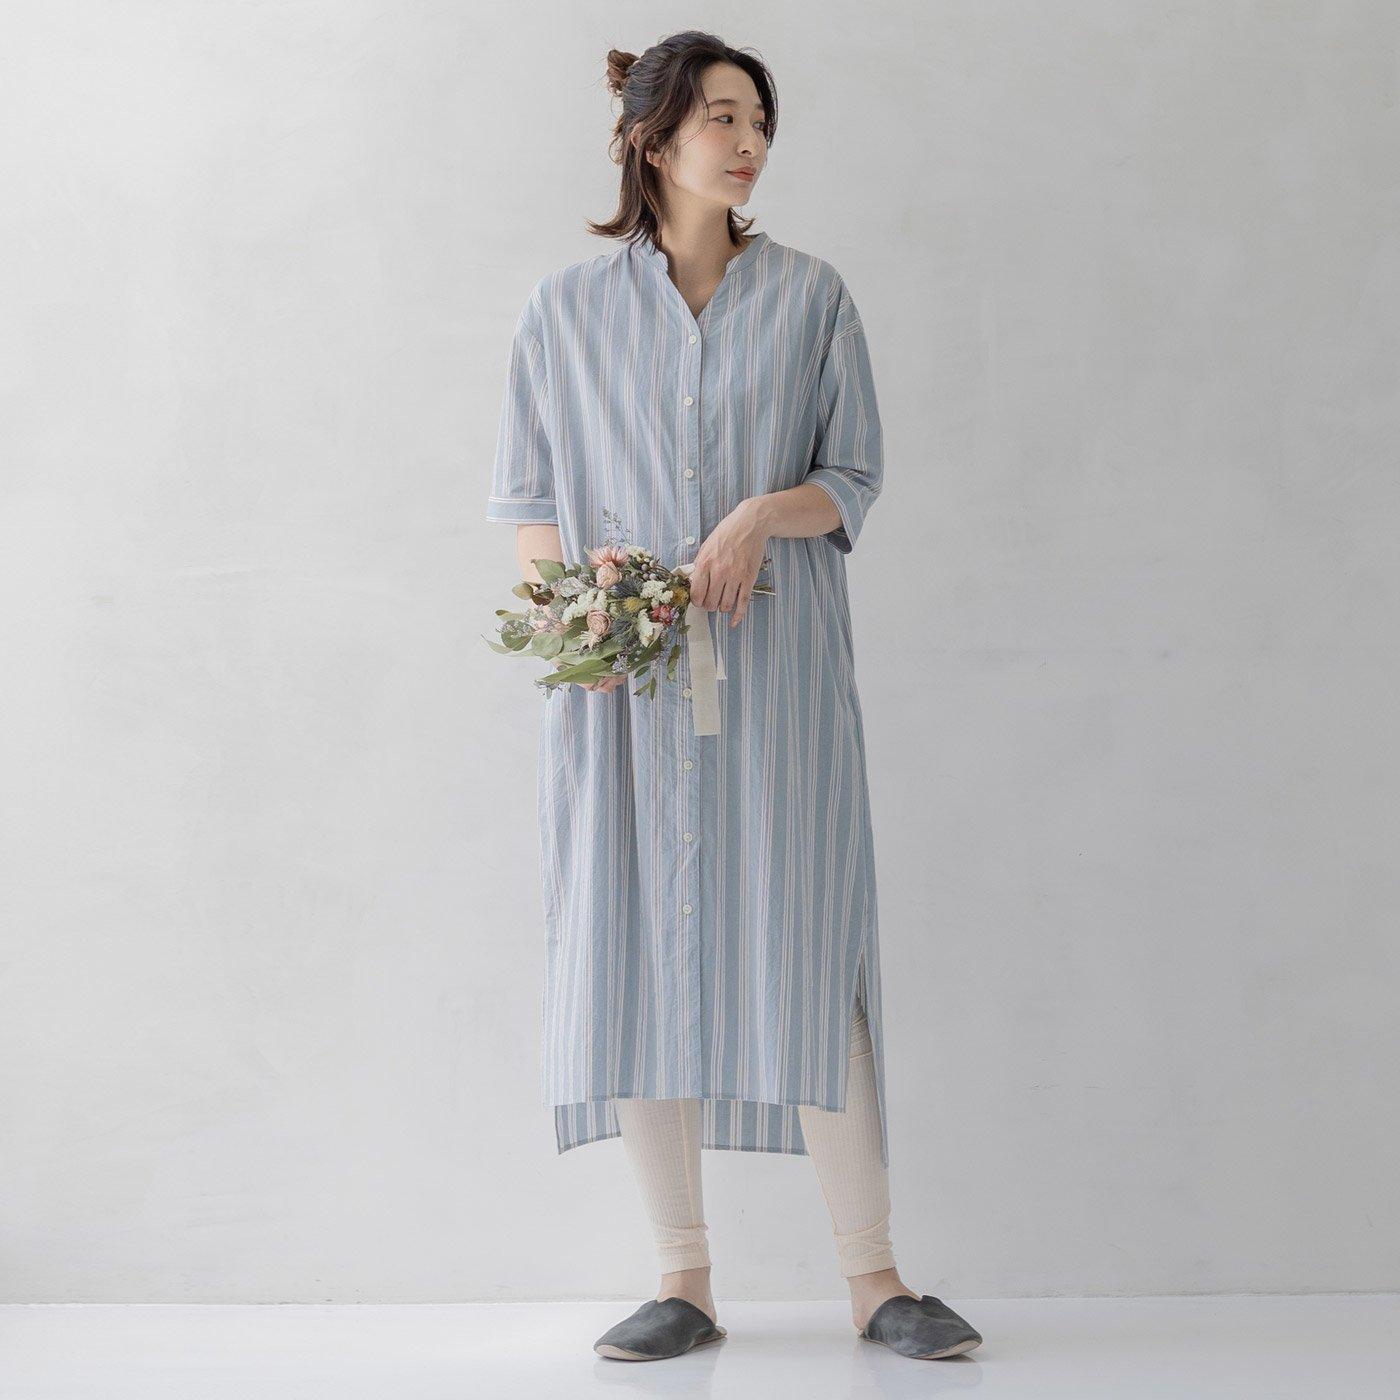 フェリシモMama マタニティから産後も使える 5分袖ストライプワンピースパジャマ〈ブルー〉